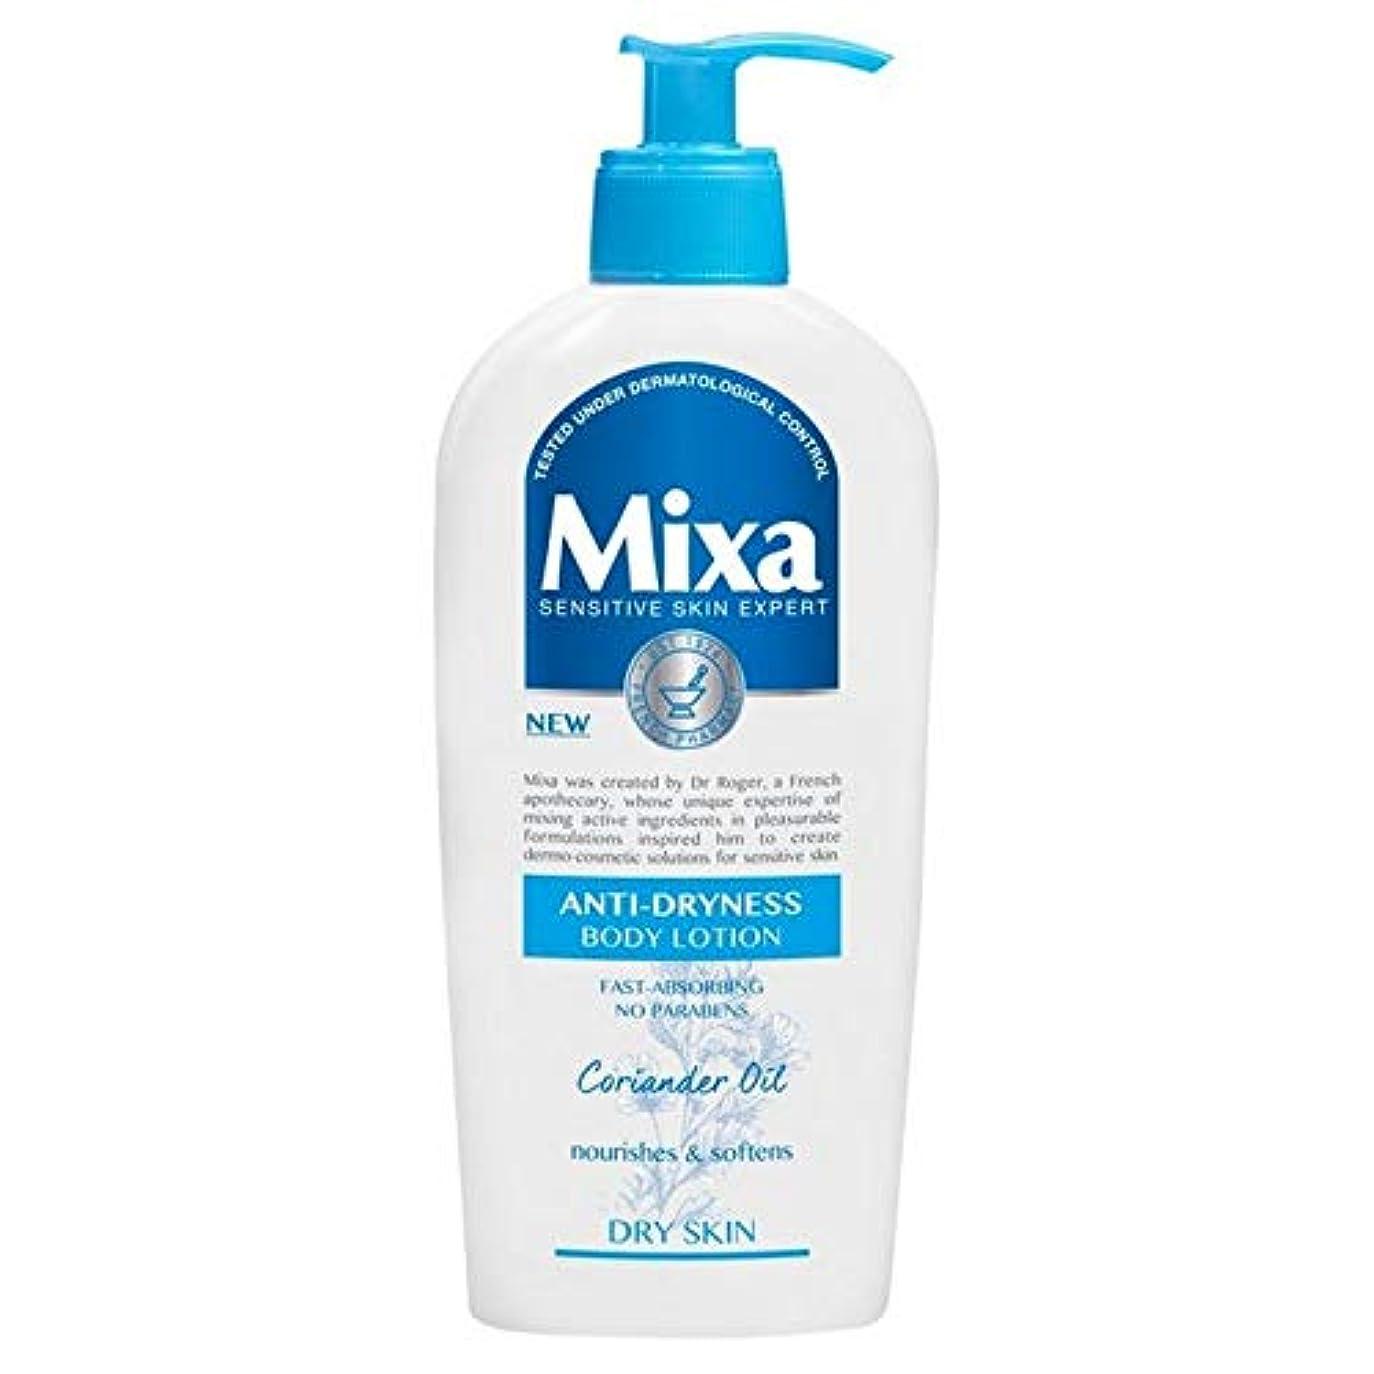 放課後眠っているジュース[Mixa] Mixa抗乾燥ボディローション250ミリリットル - Mixa Anti-Dryness Body Lotion 250ml [並行輸入品]